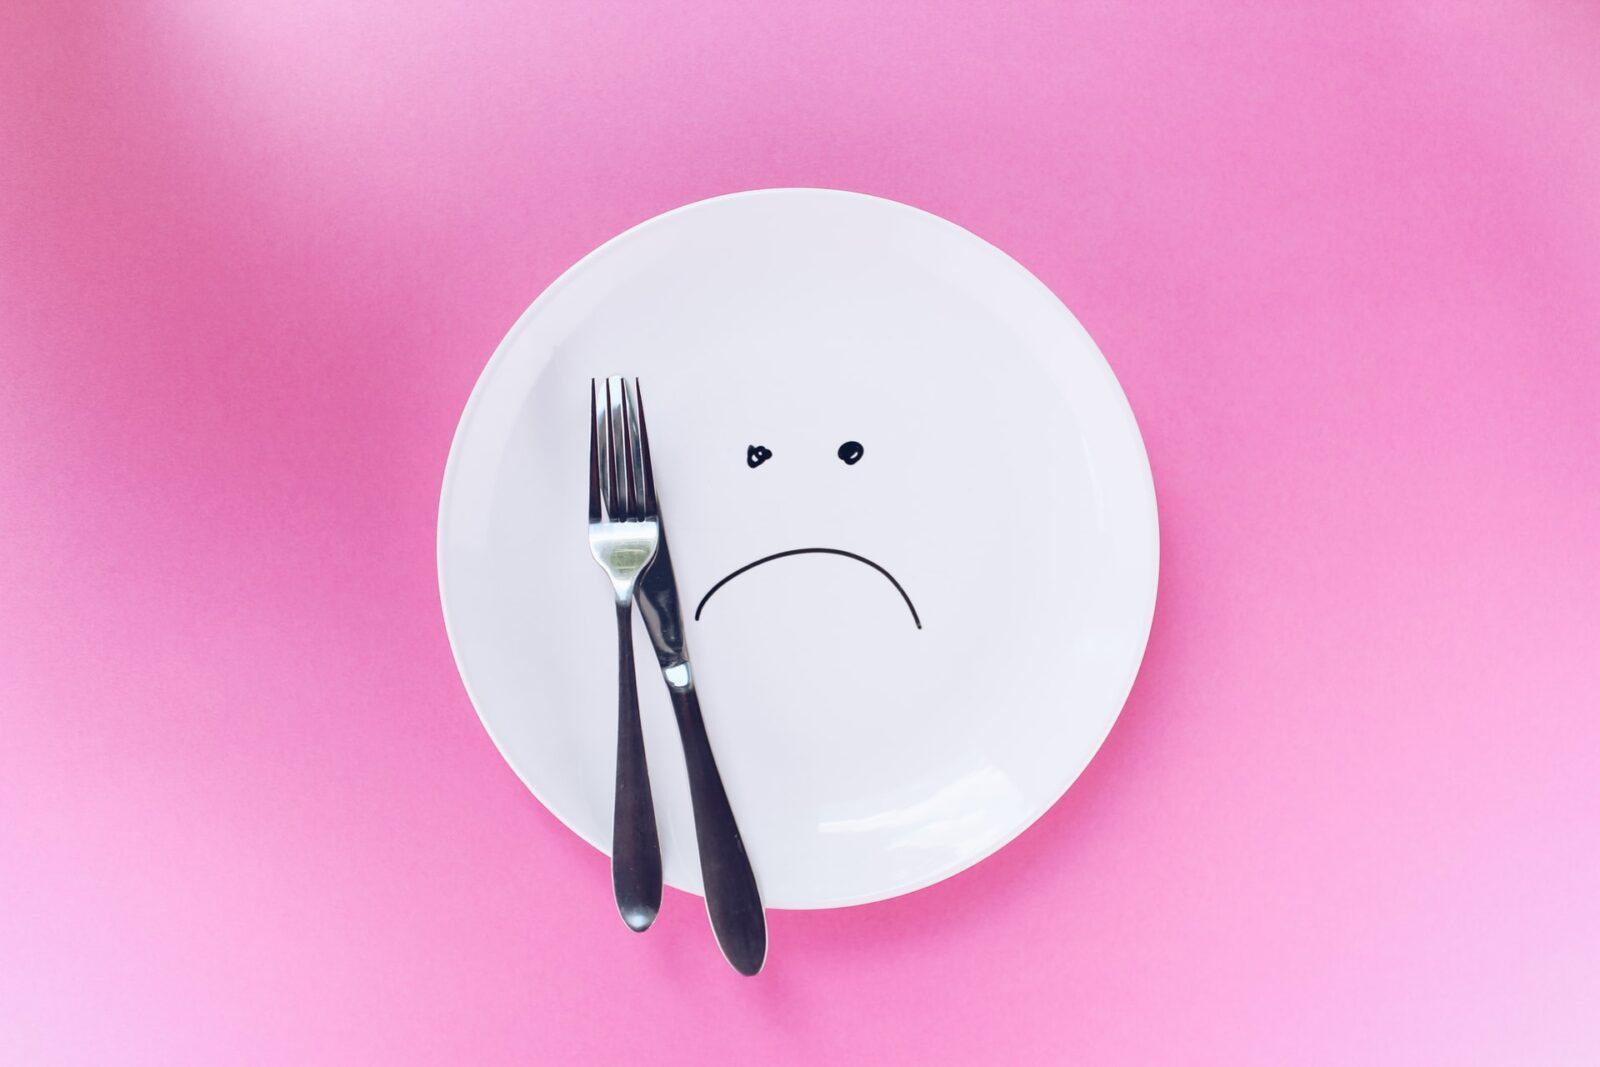 Узбекистан занял 30-е место в глобальном индексе голода